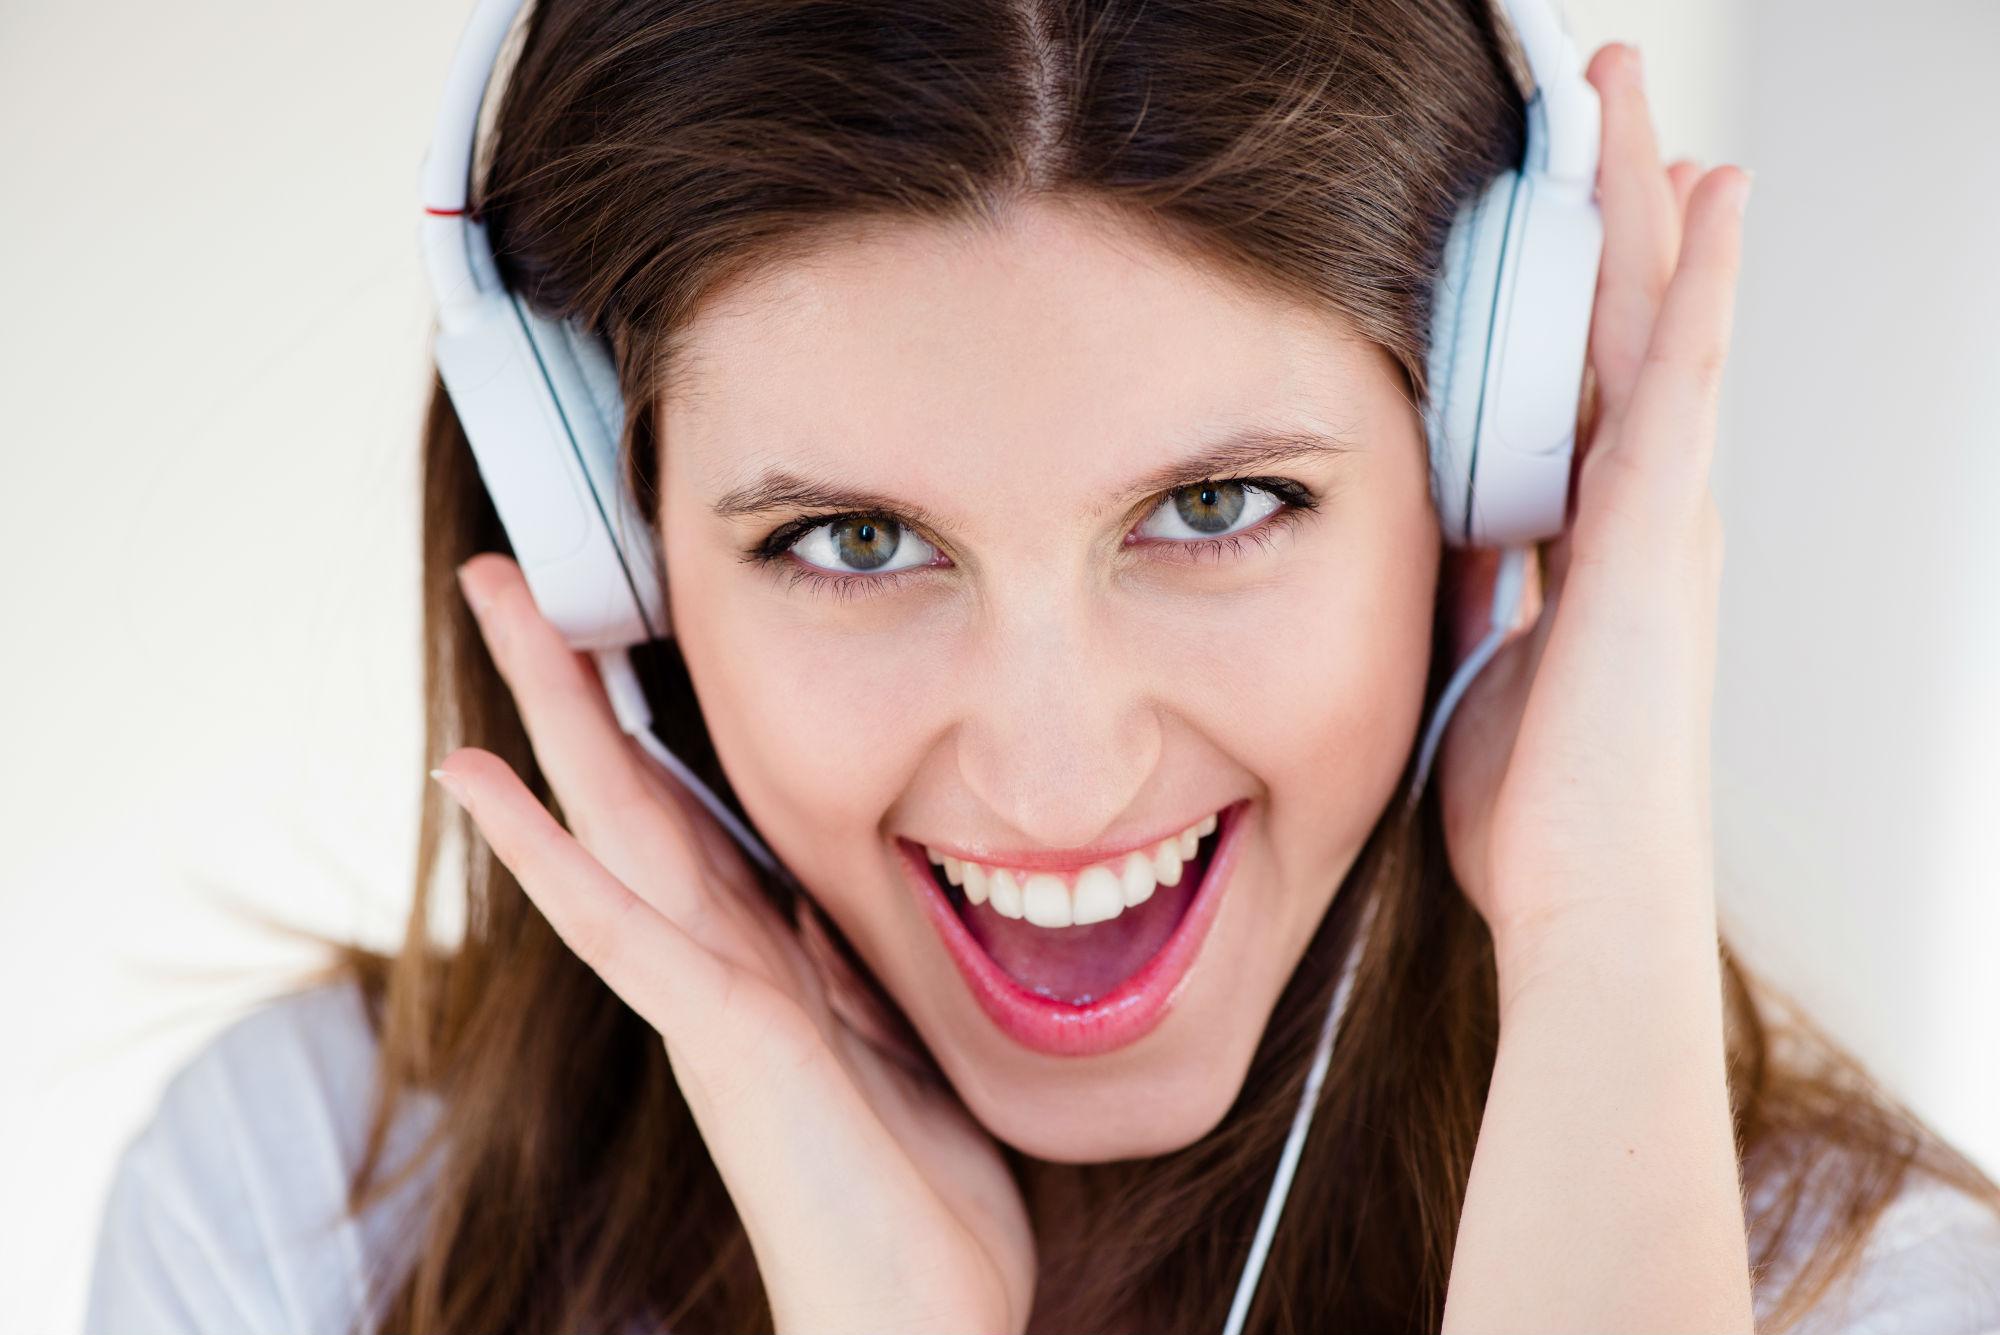 fones-de-ouvido-prejudicam-audicao